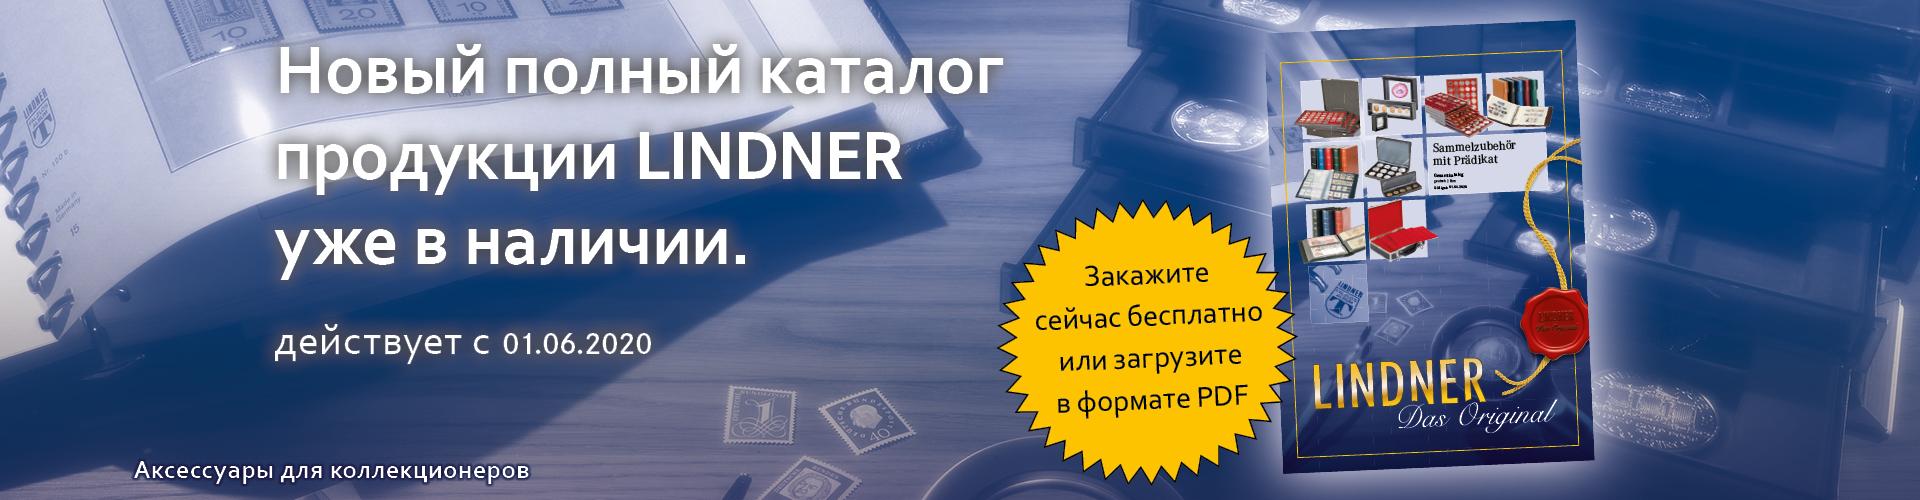 полный каталог продукции LINDNER уже в